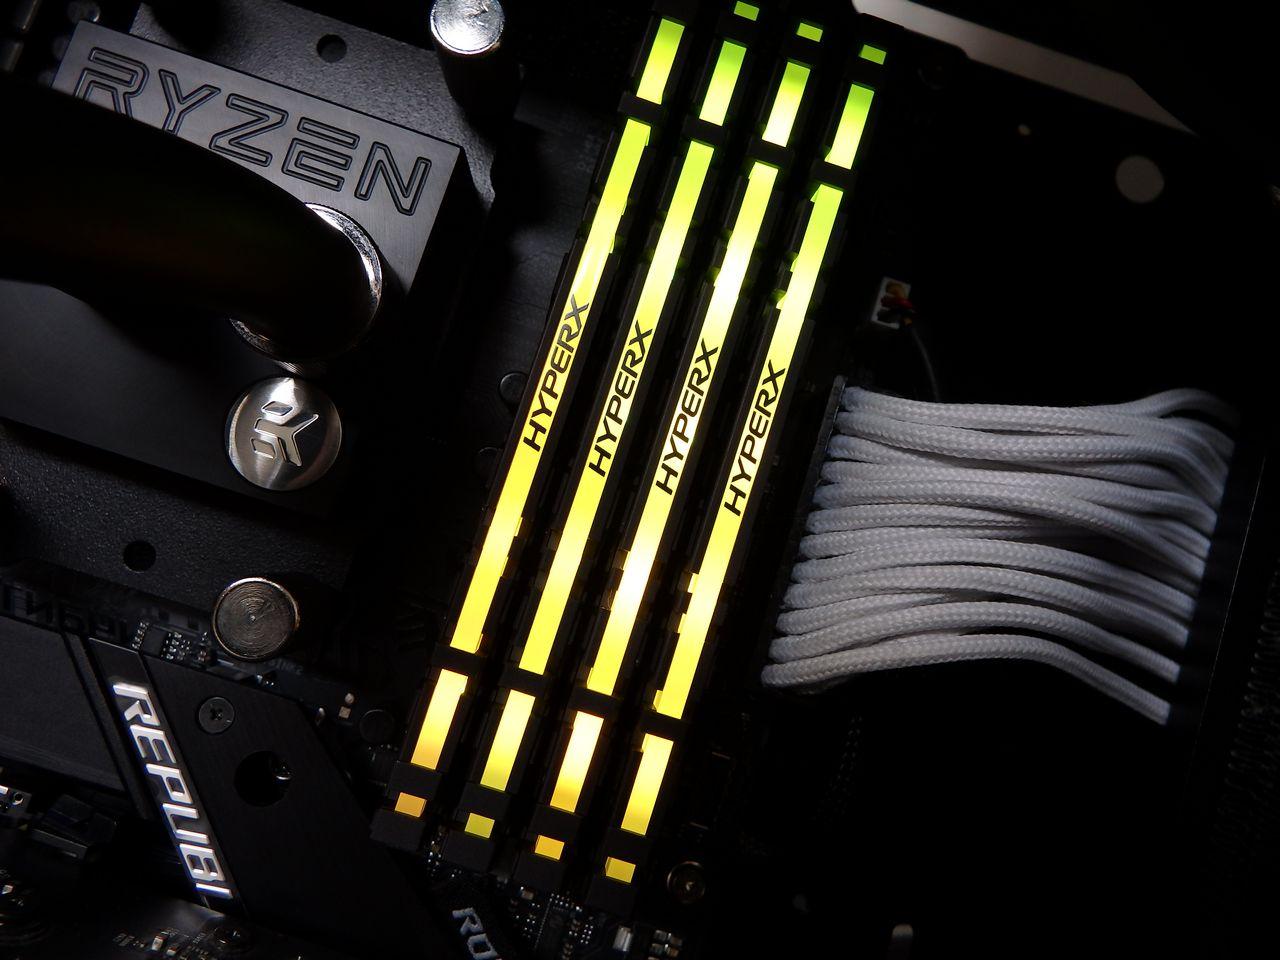 ASUS_STRIX-X470-F-Gaming-testbench09